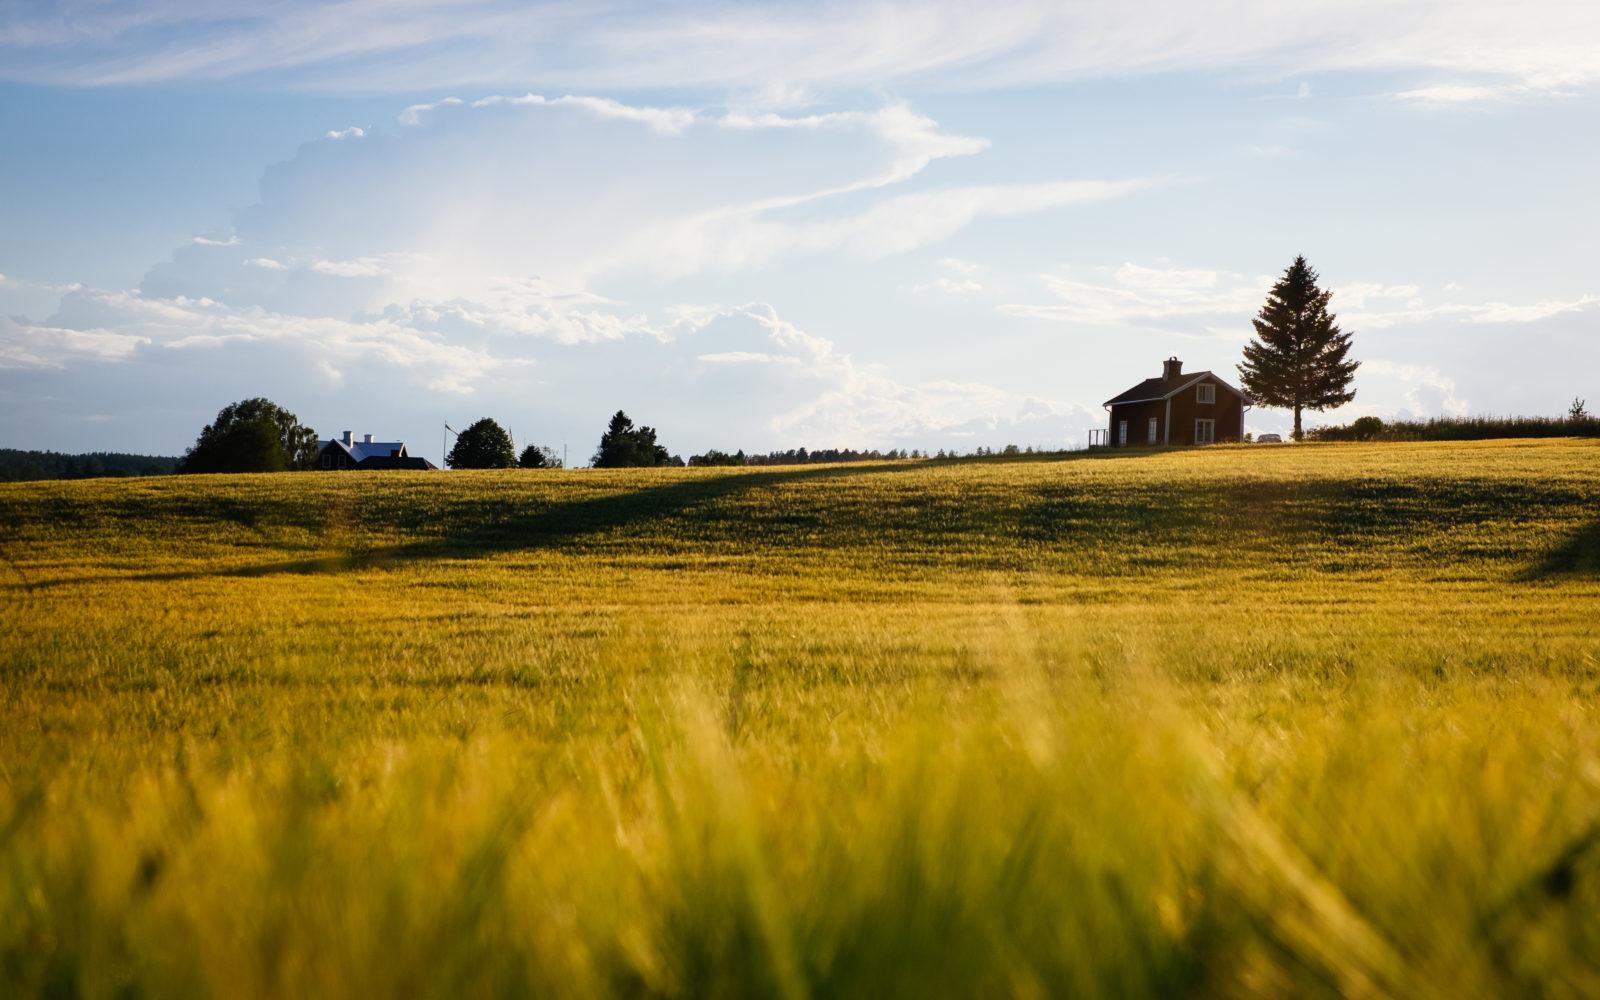 une maison isolée dans une campagne